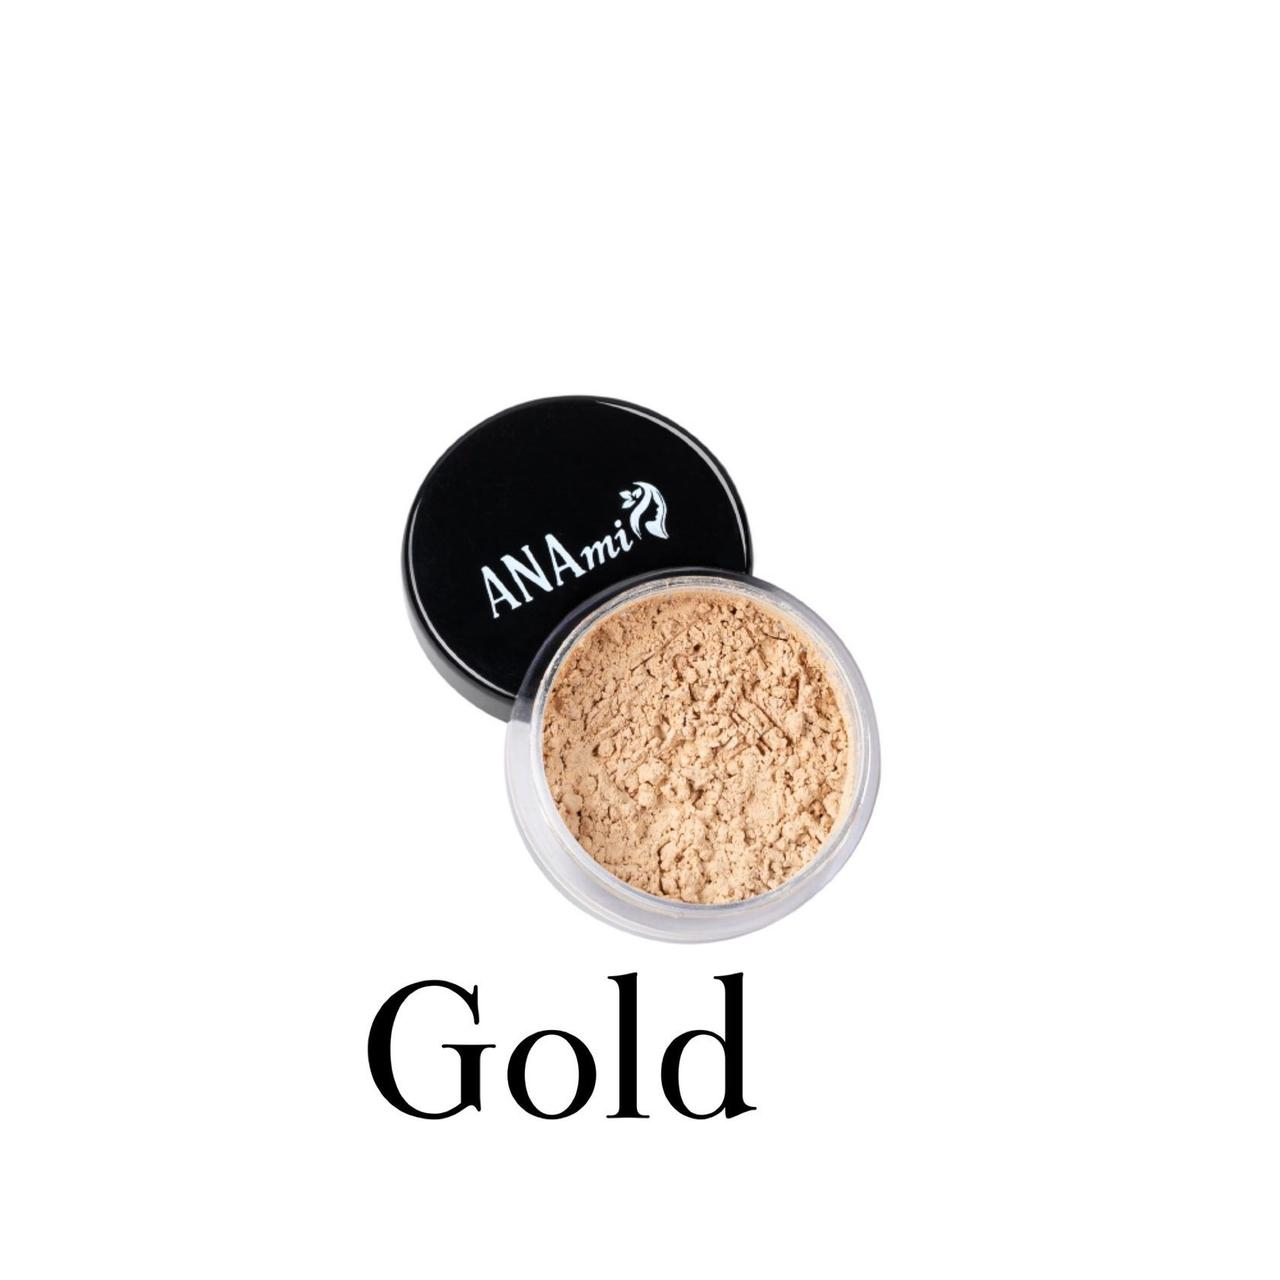 Минеральный хайлайтер ANAmi. Cатиновый Gold.